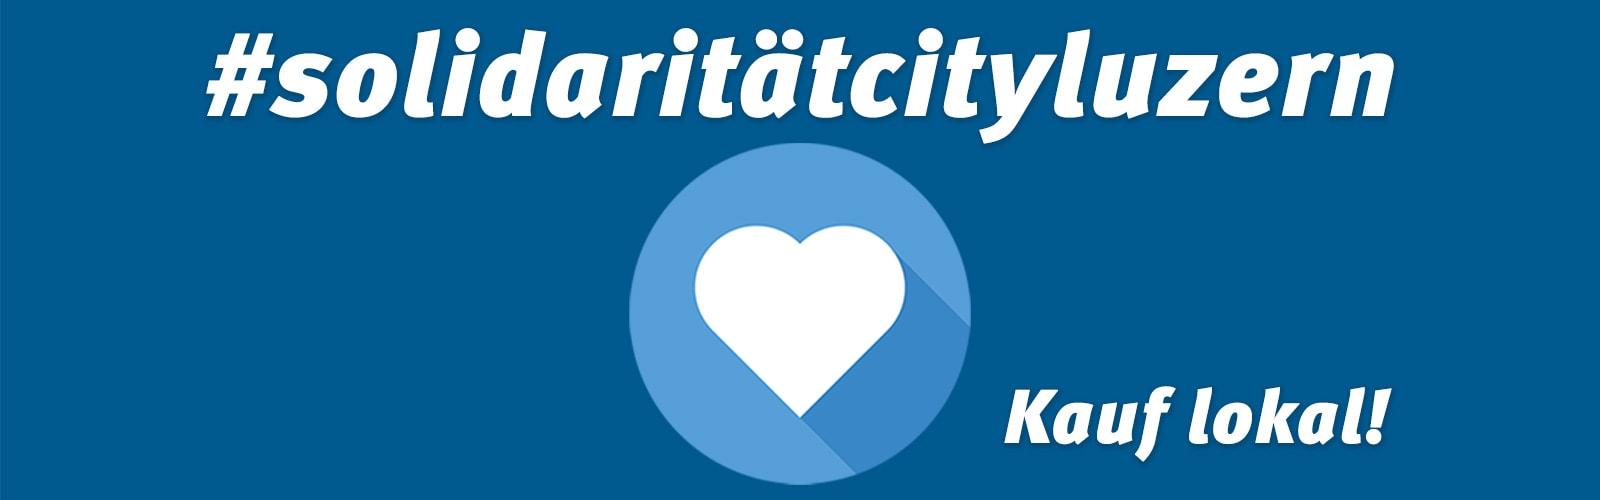 Solidarität City Luzern - City Vereinigung Luzern